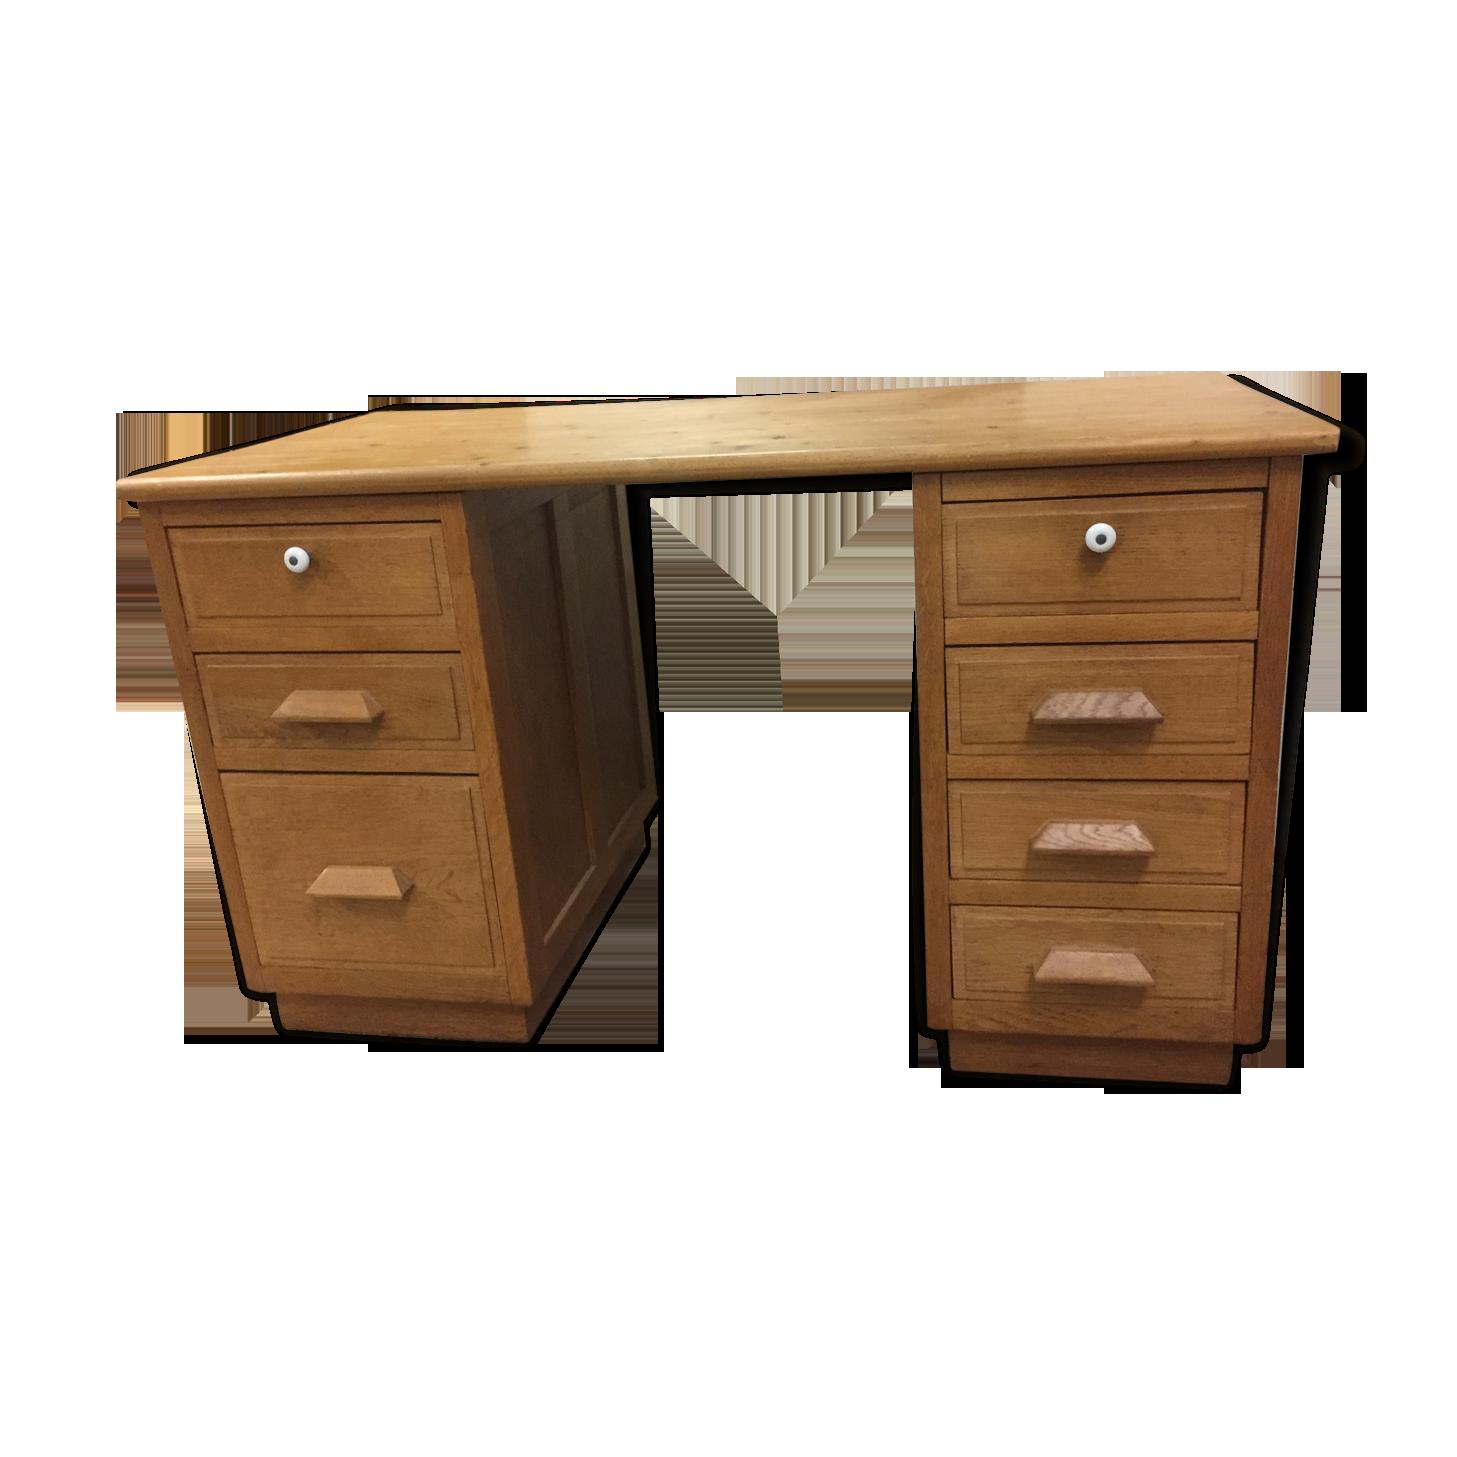 Bureau en bois démontable bois matériau bois couleur